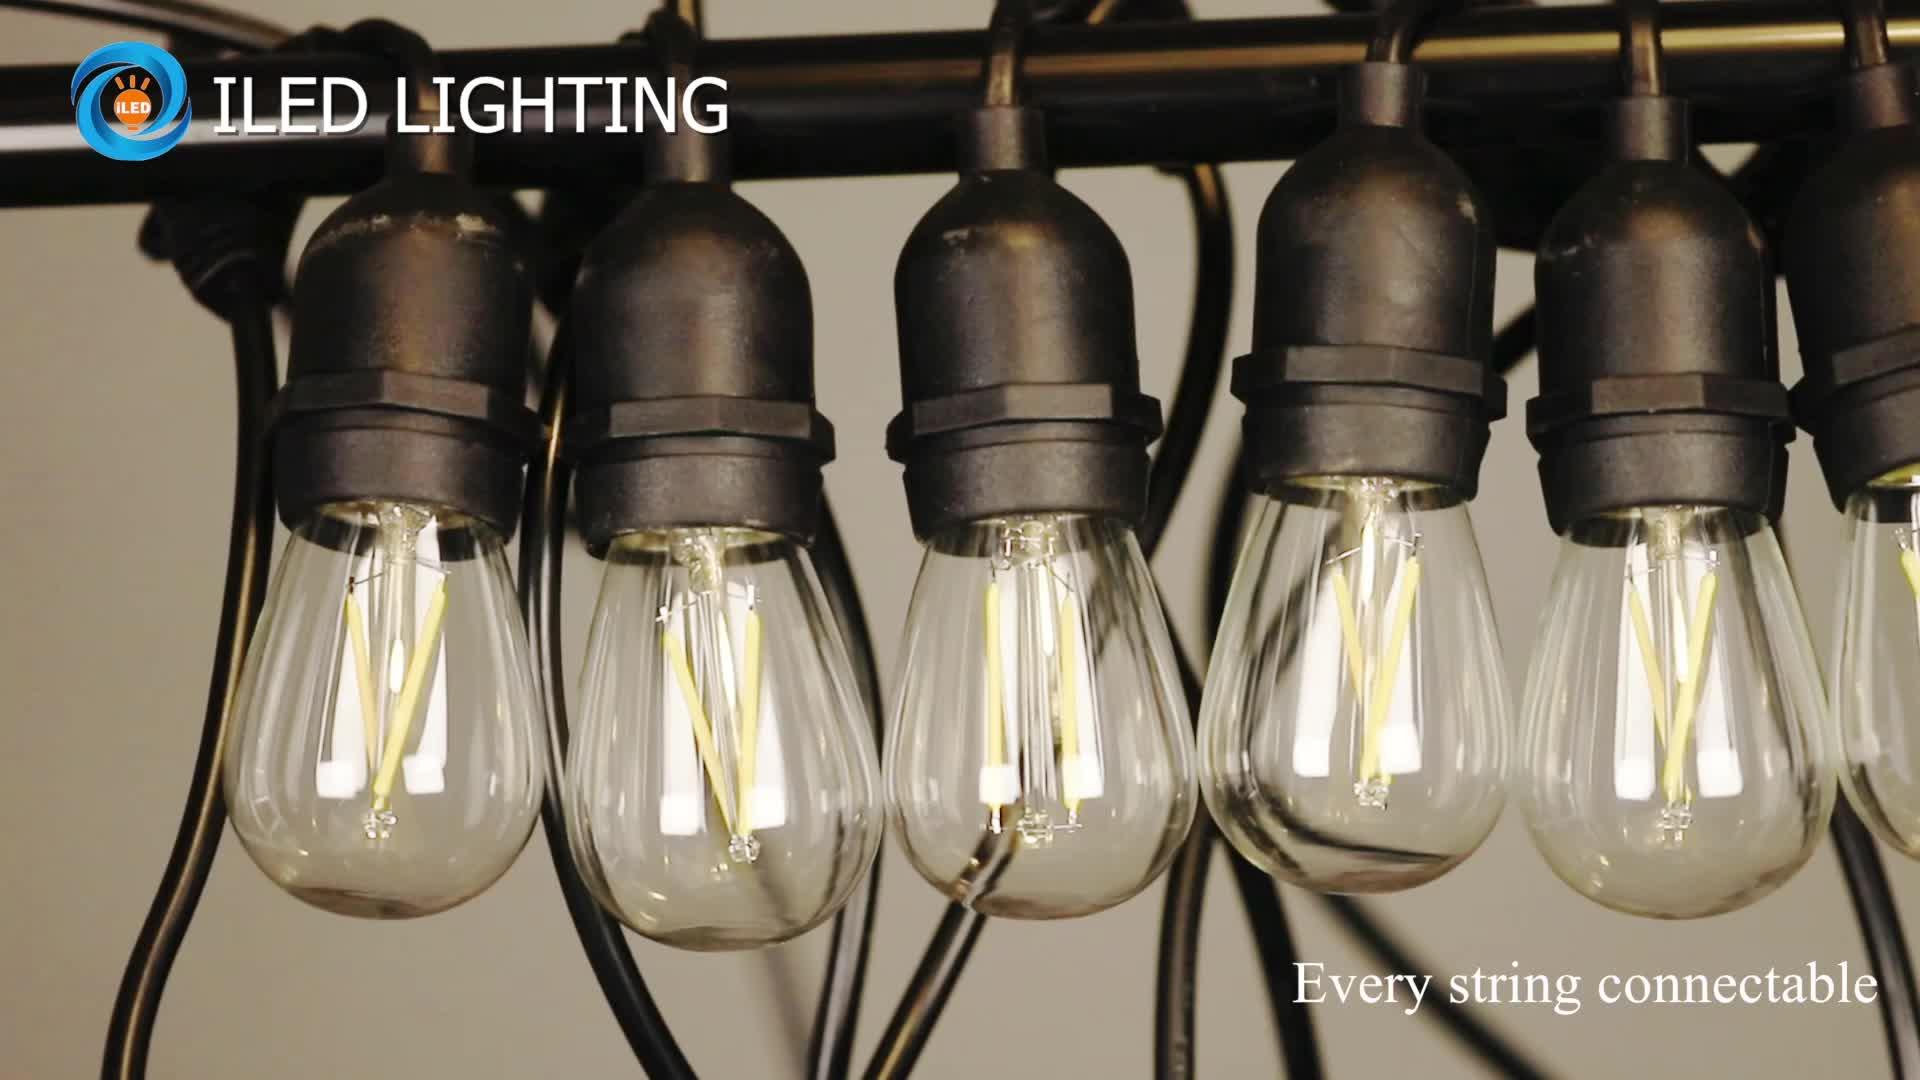 48ft आउटडोर प्रकाश स्ट्रिंग E27 S14 220 V एडीसन के बल्ब क्रिसमस Weatherproof Connectable एलईडी स्ट्रिंग प्रकाश